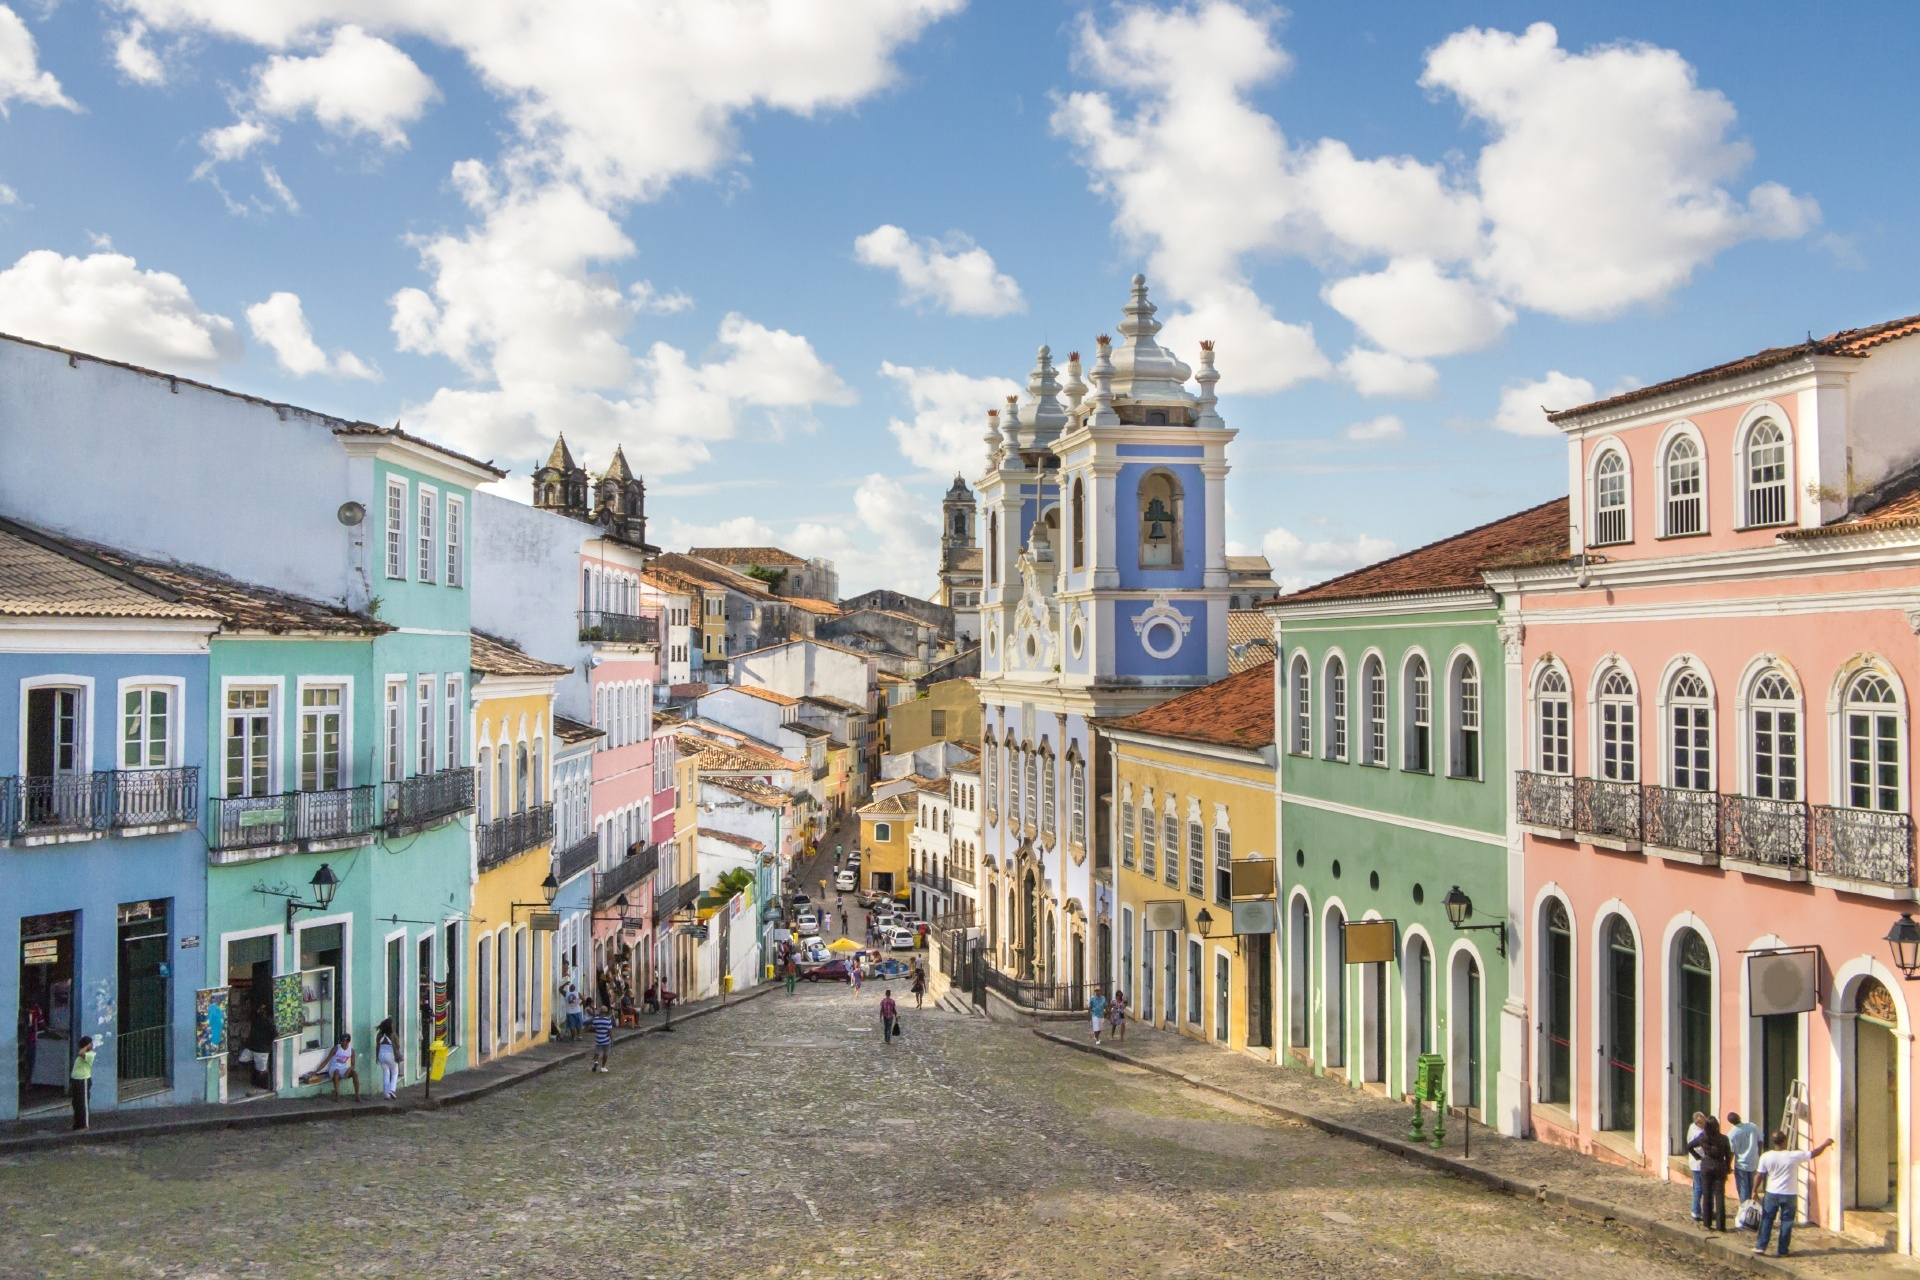 ペロウリーニョの町並み ブラジルの風景